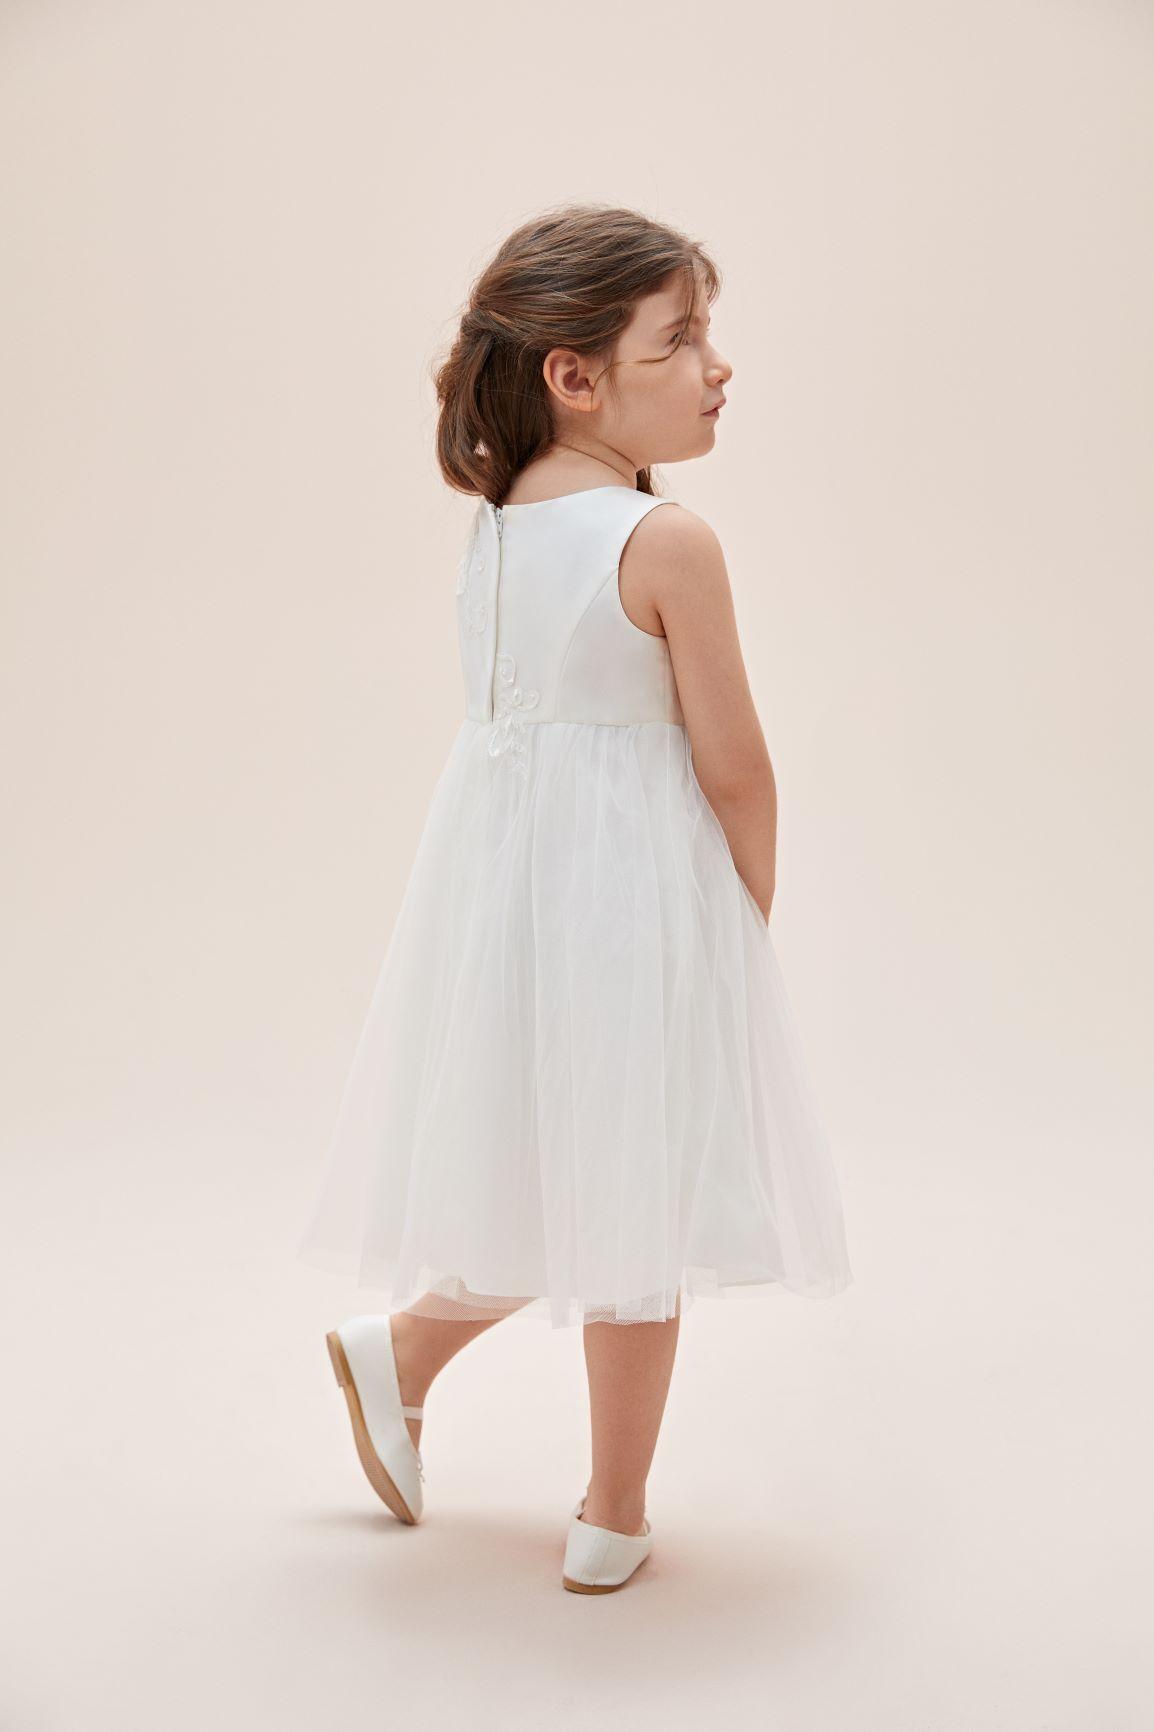 Askılı Çiçek İşlemeli Tül Etekli Çocuk Elbisesi - Thumbnail